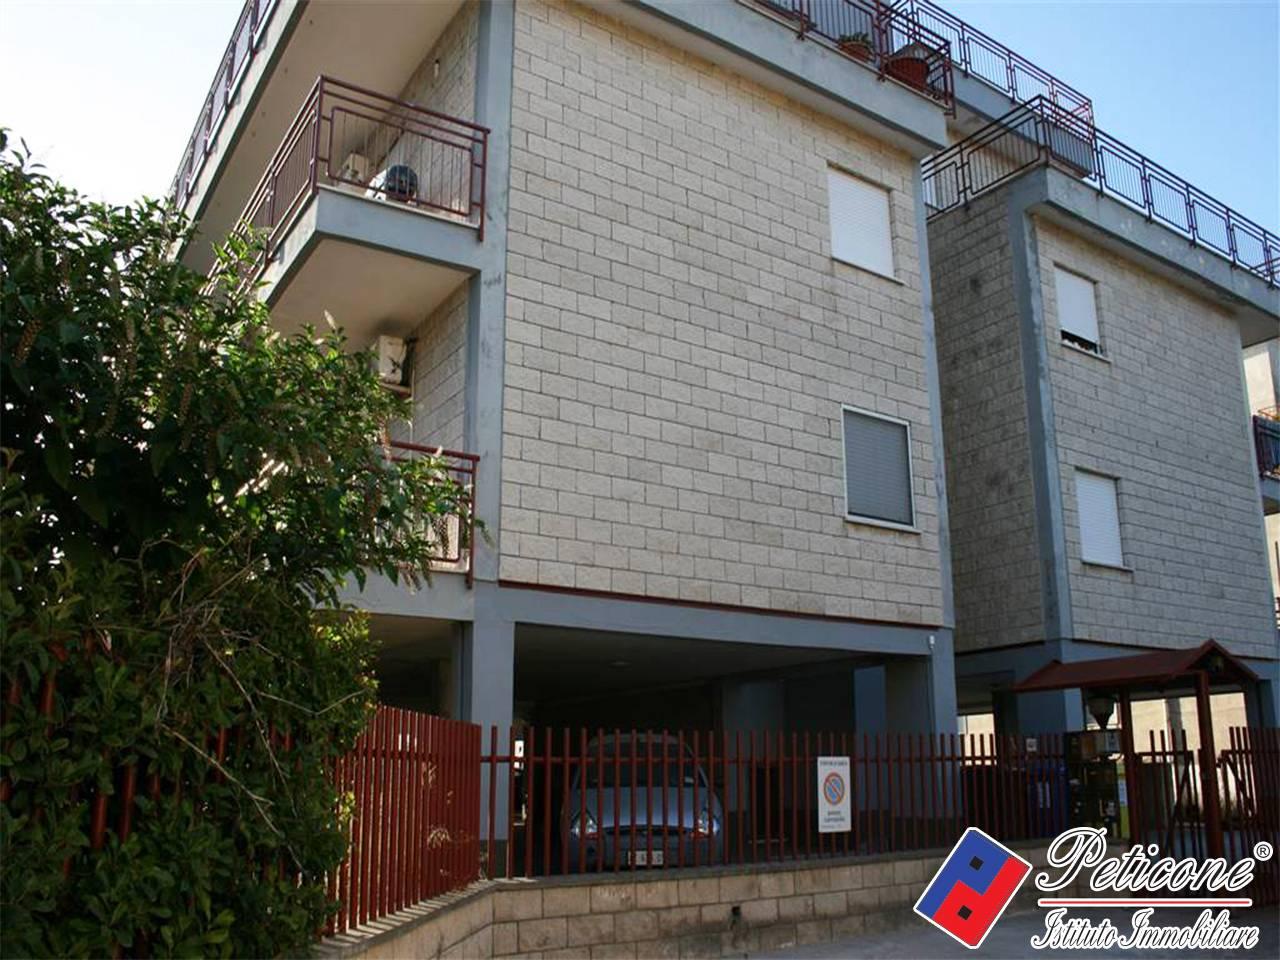 Appartamento in Vendita a Gaeta via guglielmo marconi